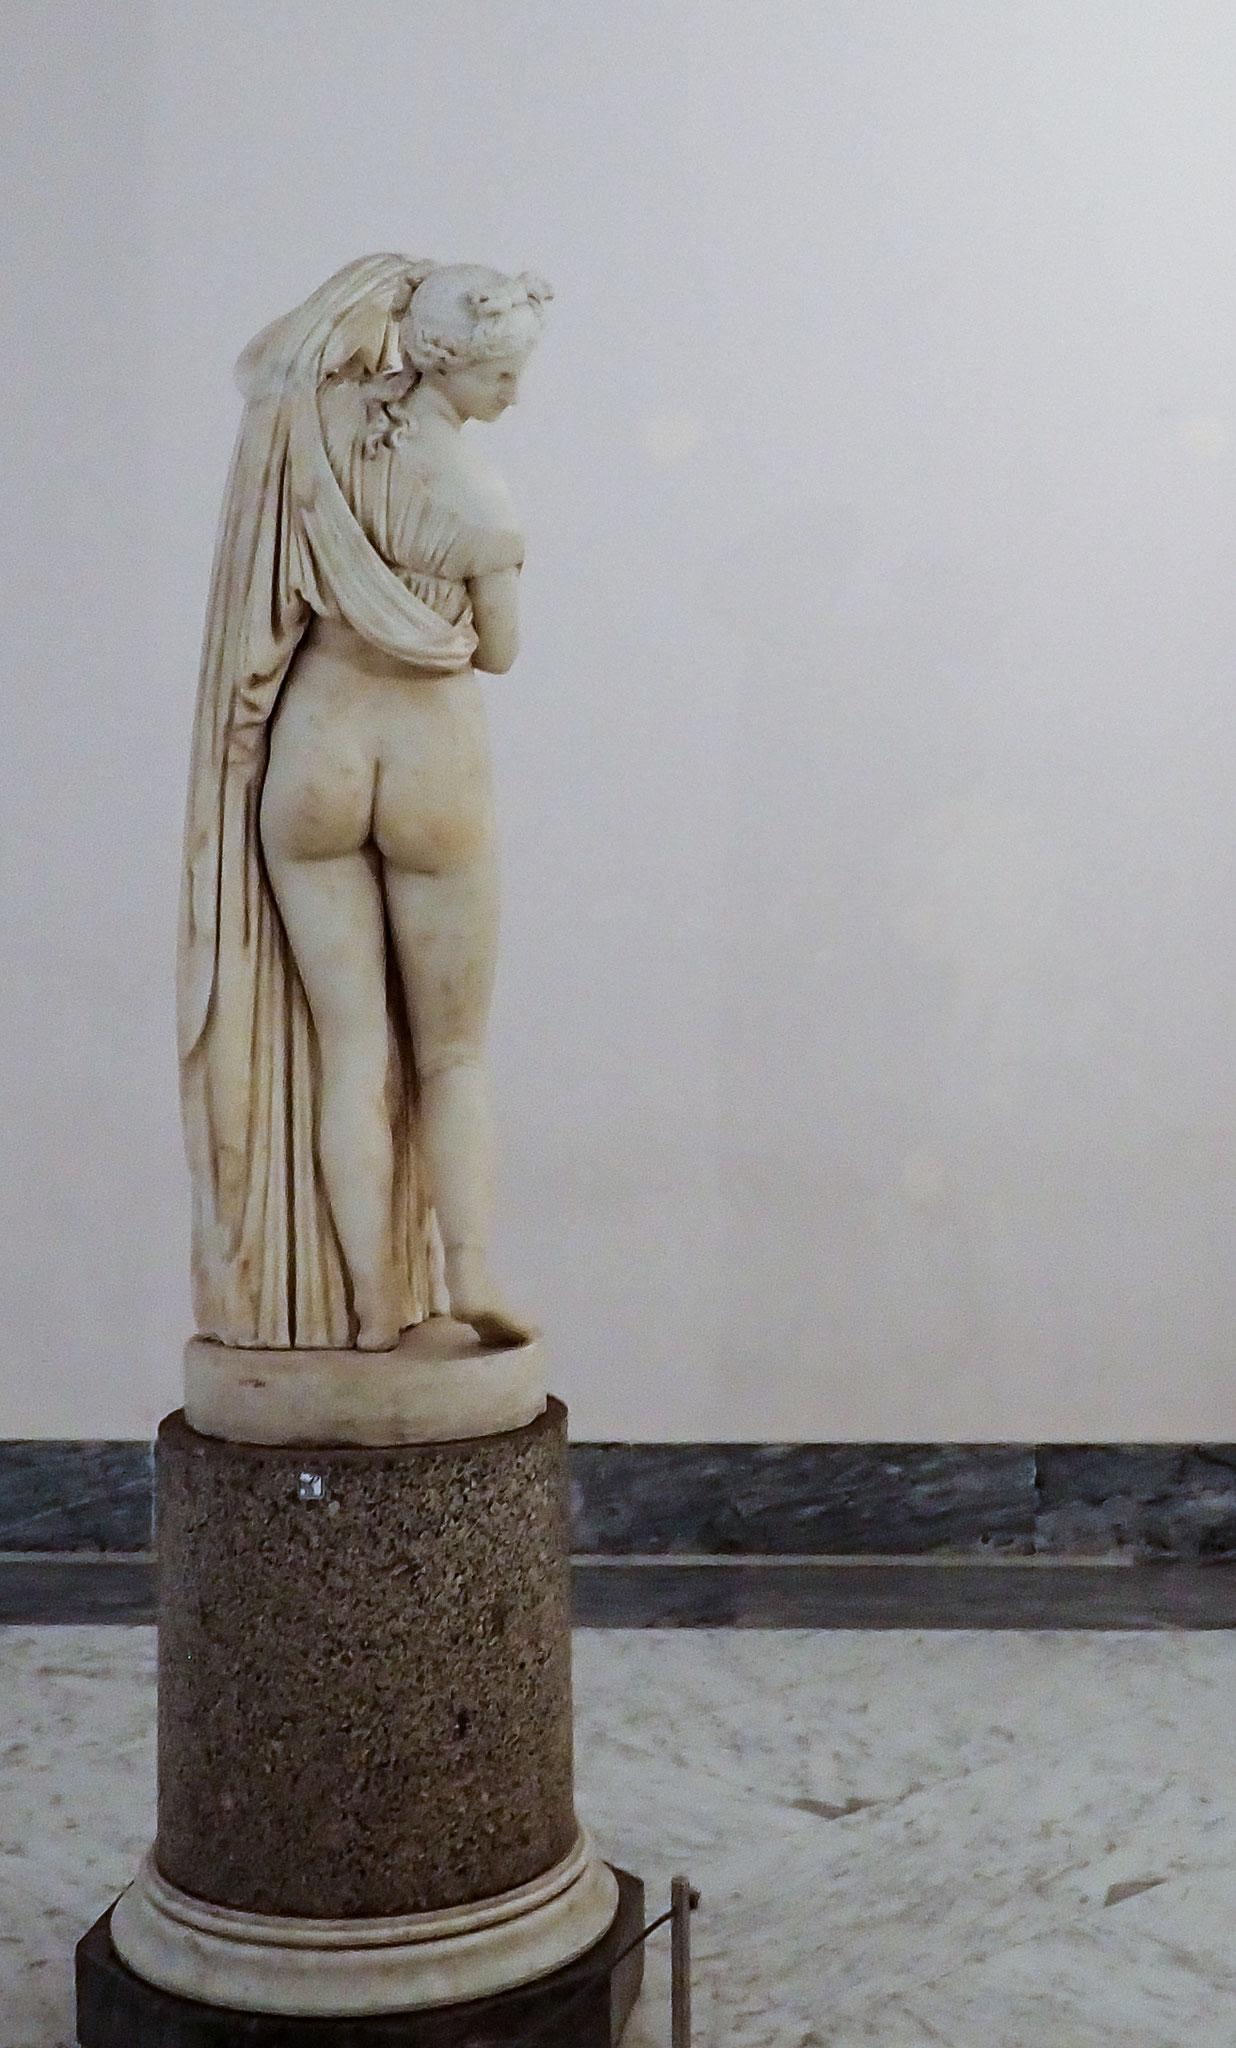 Venus mit dem schönen Hintern